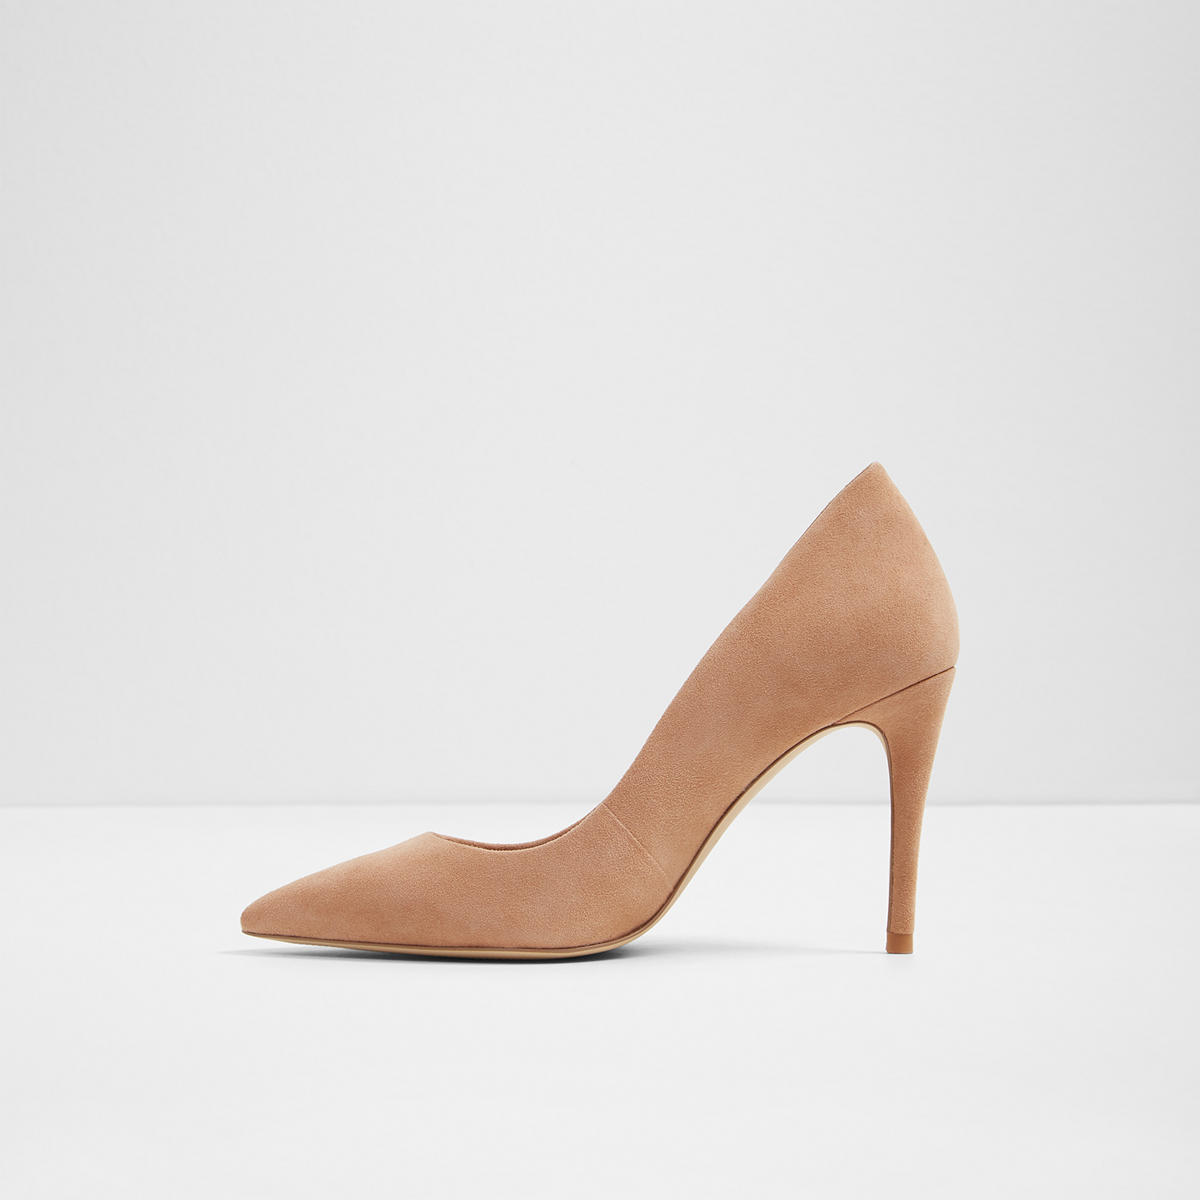 e0c6195d781 Uloaviel-N Camel Suede Women s Heels